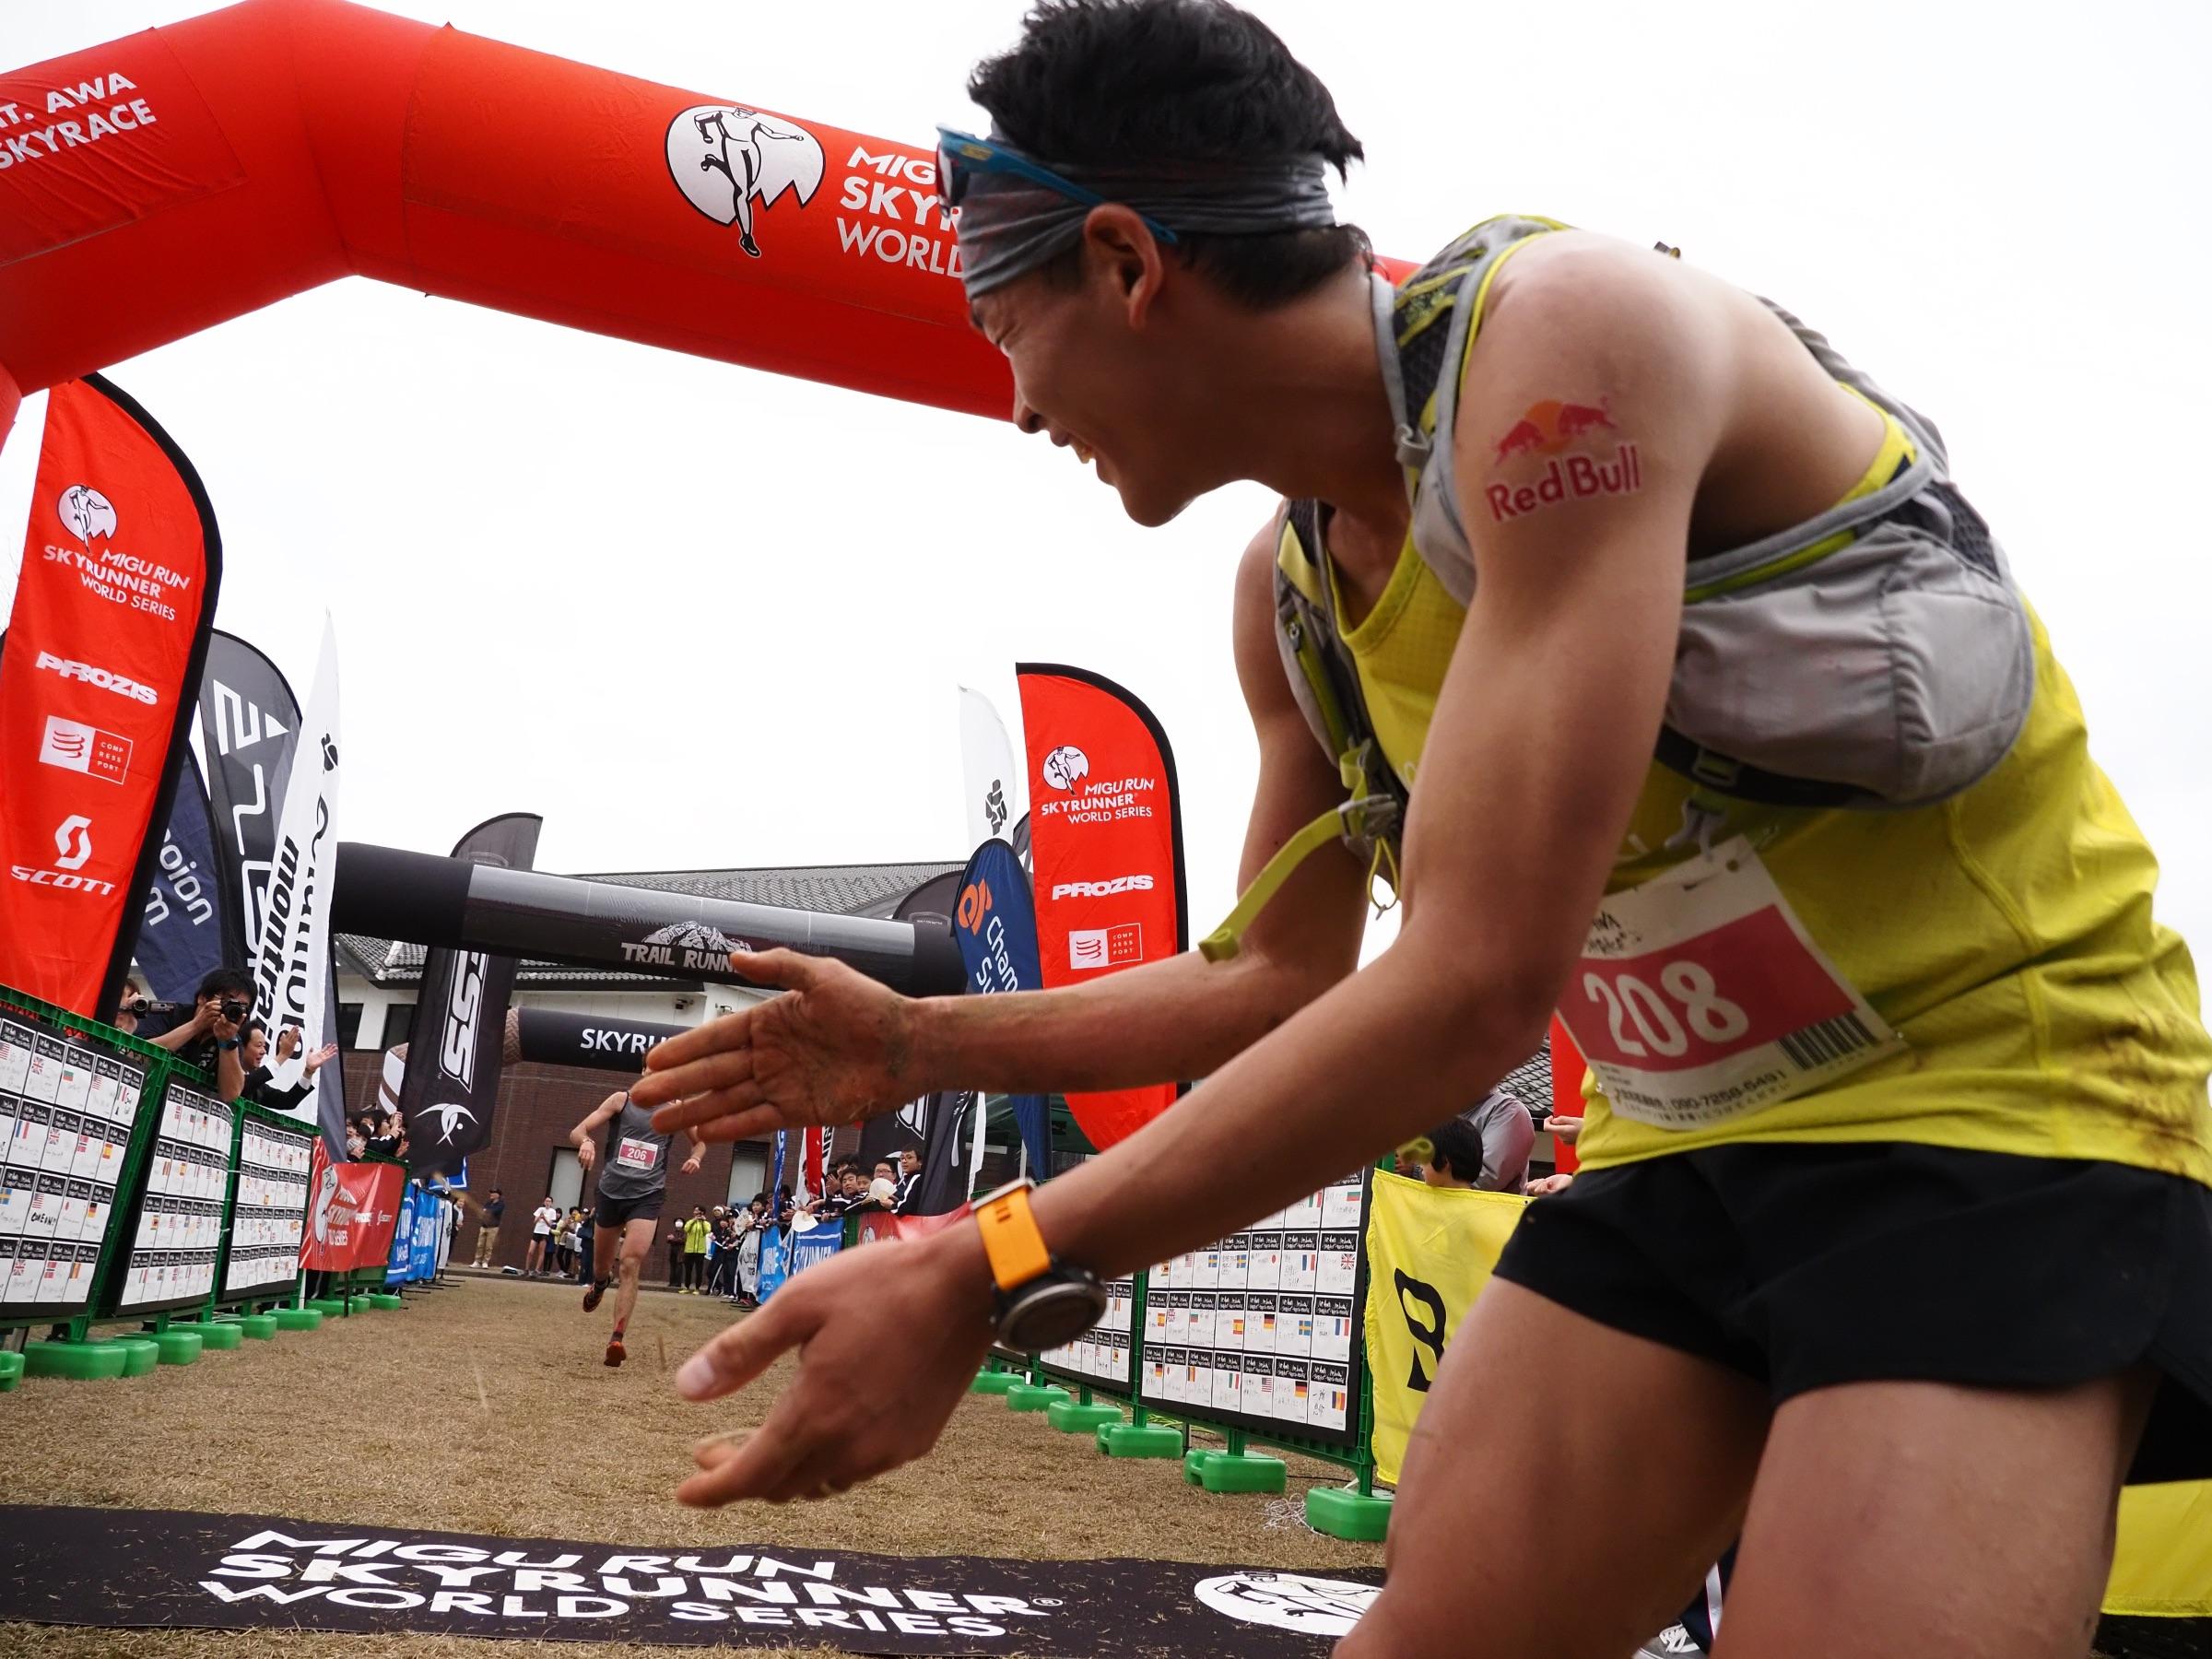 2位のオリオル・カルドナとは9秒差だった ©Chiba Masataka